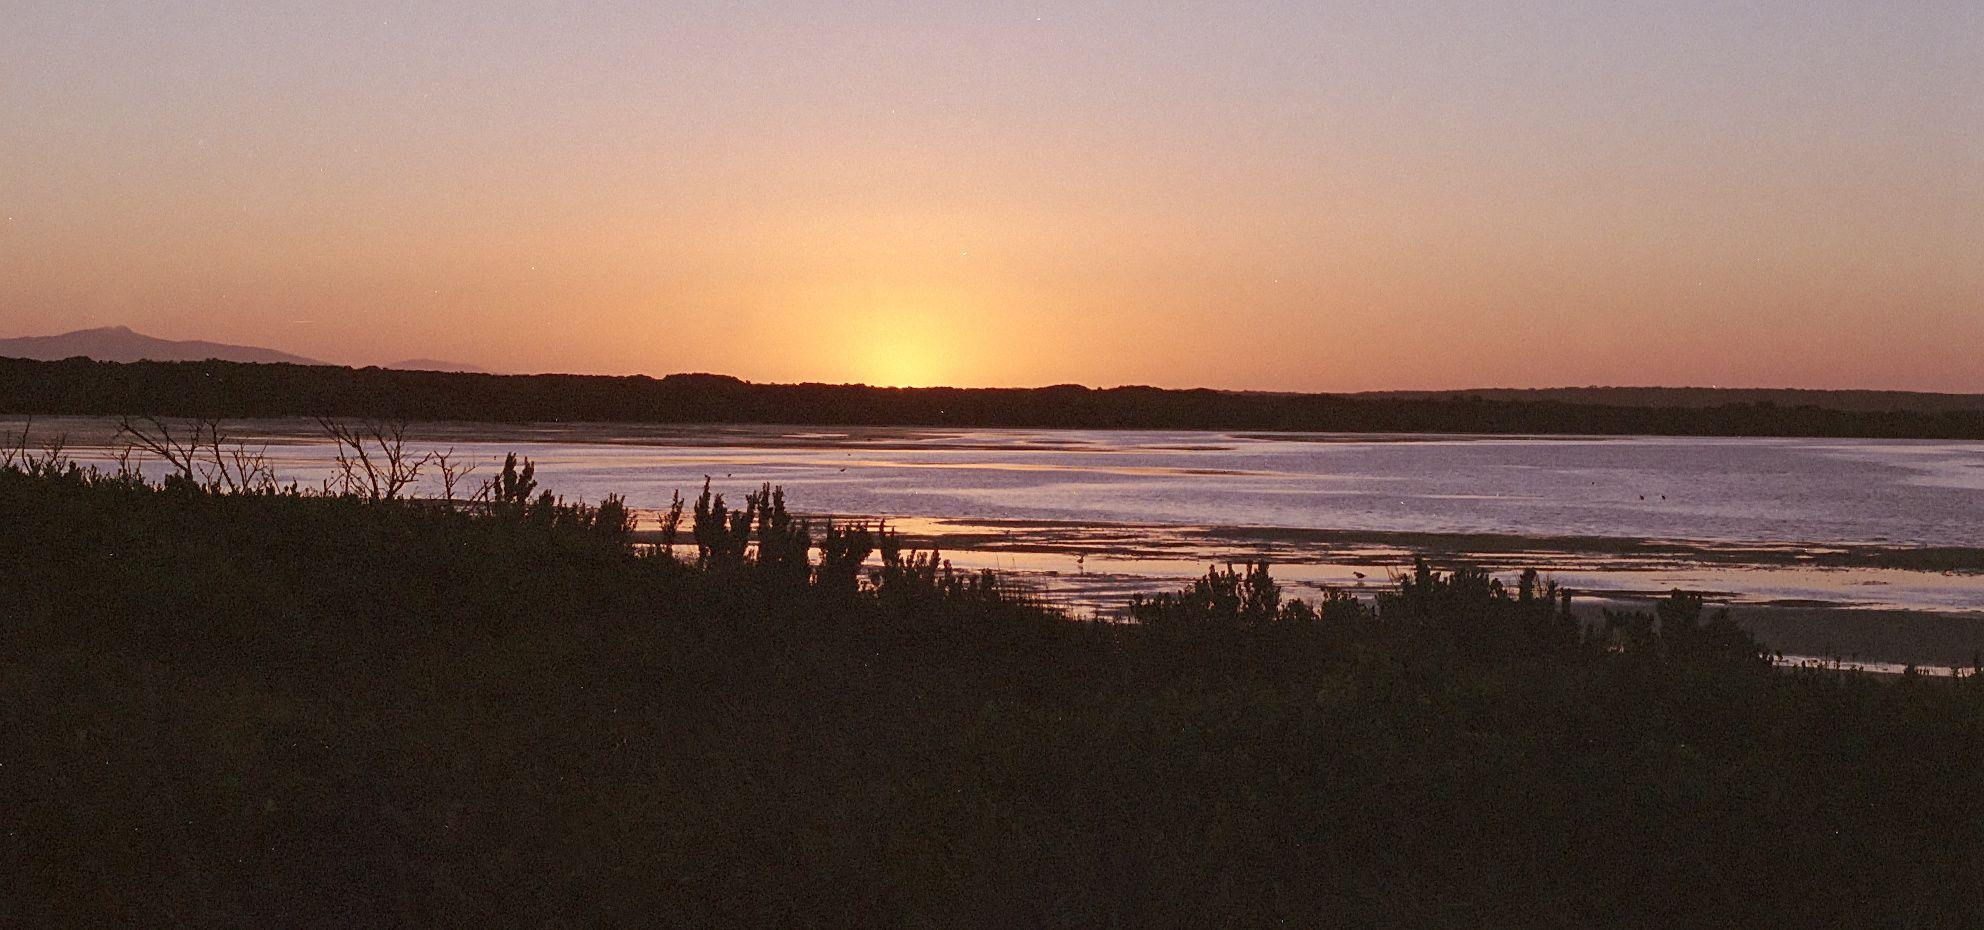 Musselroe Bay - Jan 2021